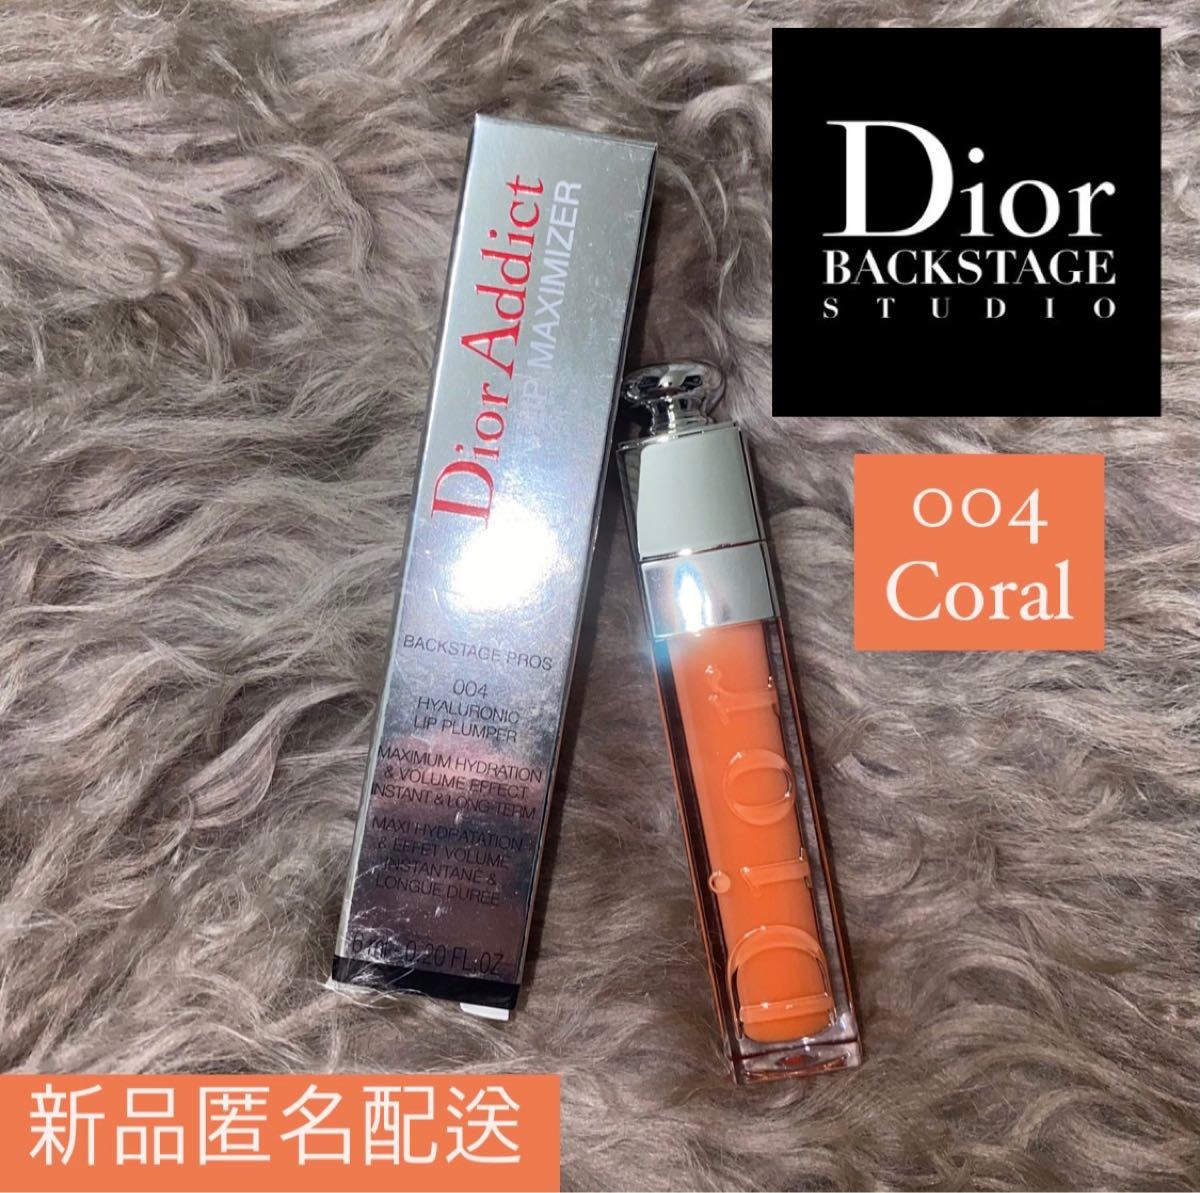 新品☆ Dior マキシマイザー リップグロス 004 コーラル オレンジ lip リップケア プランパー ディオール